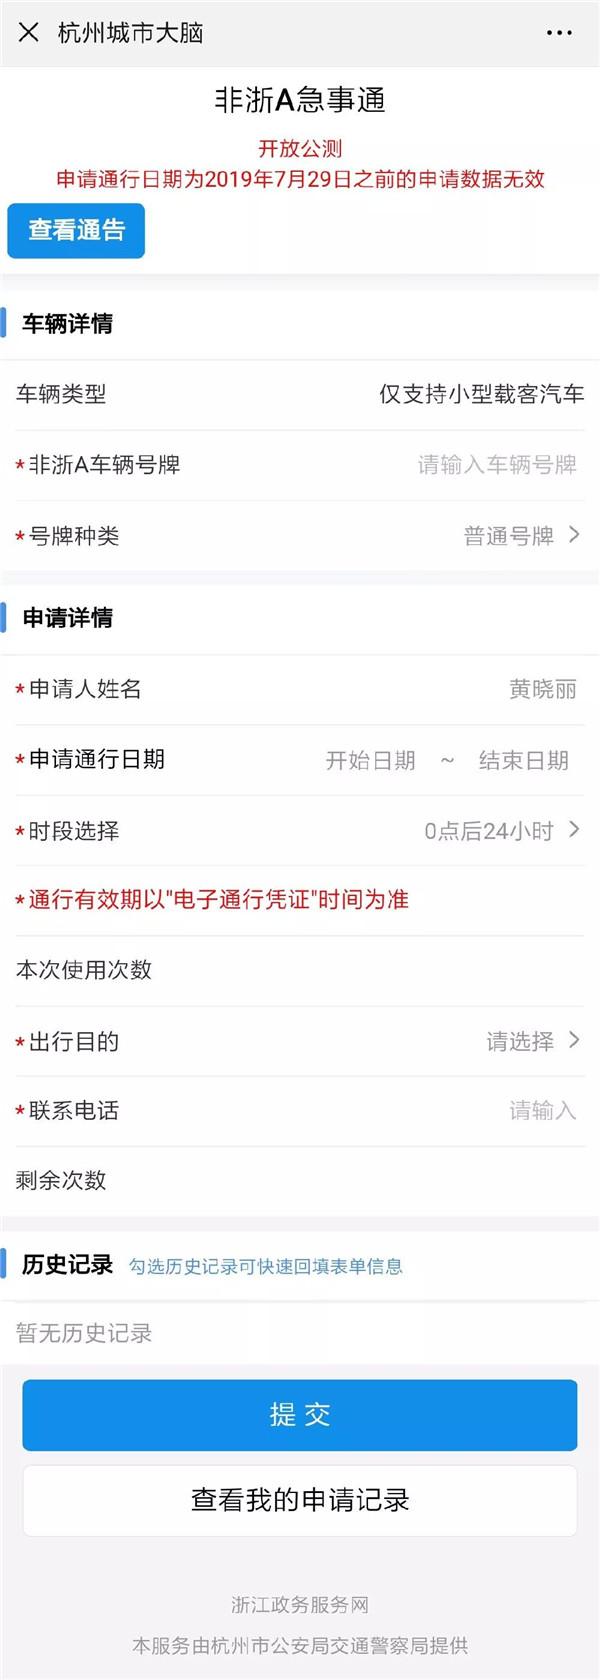 如何申请在杭州免限行